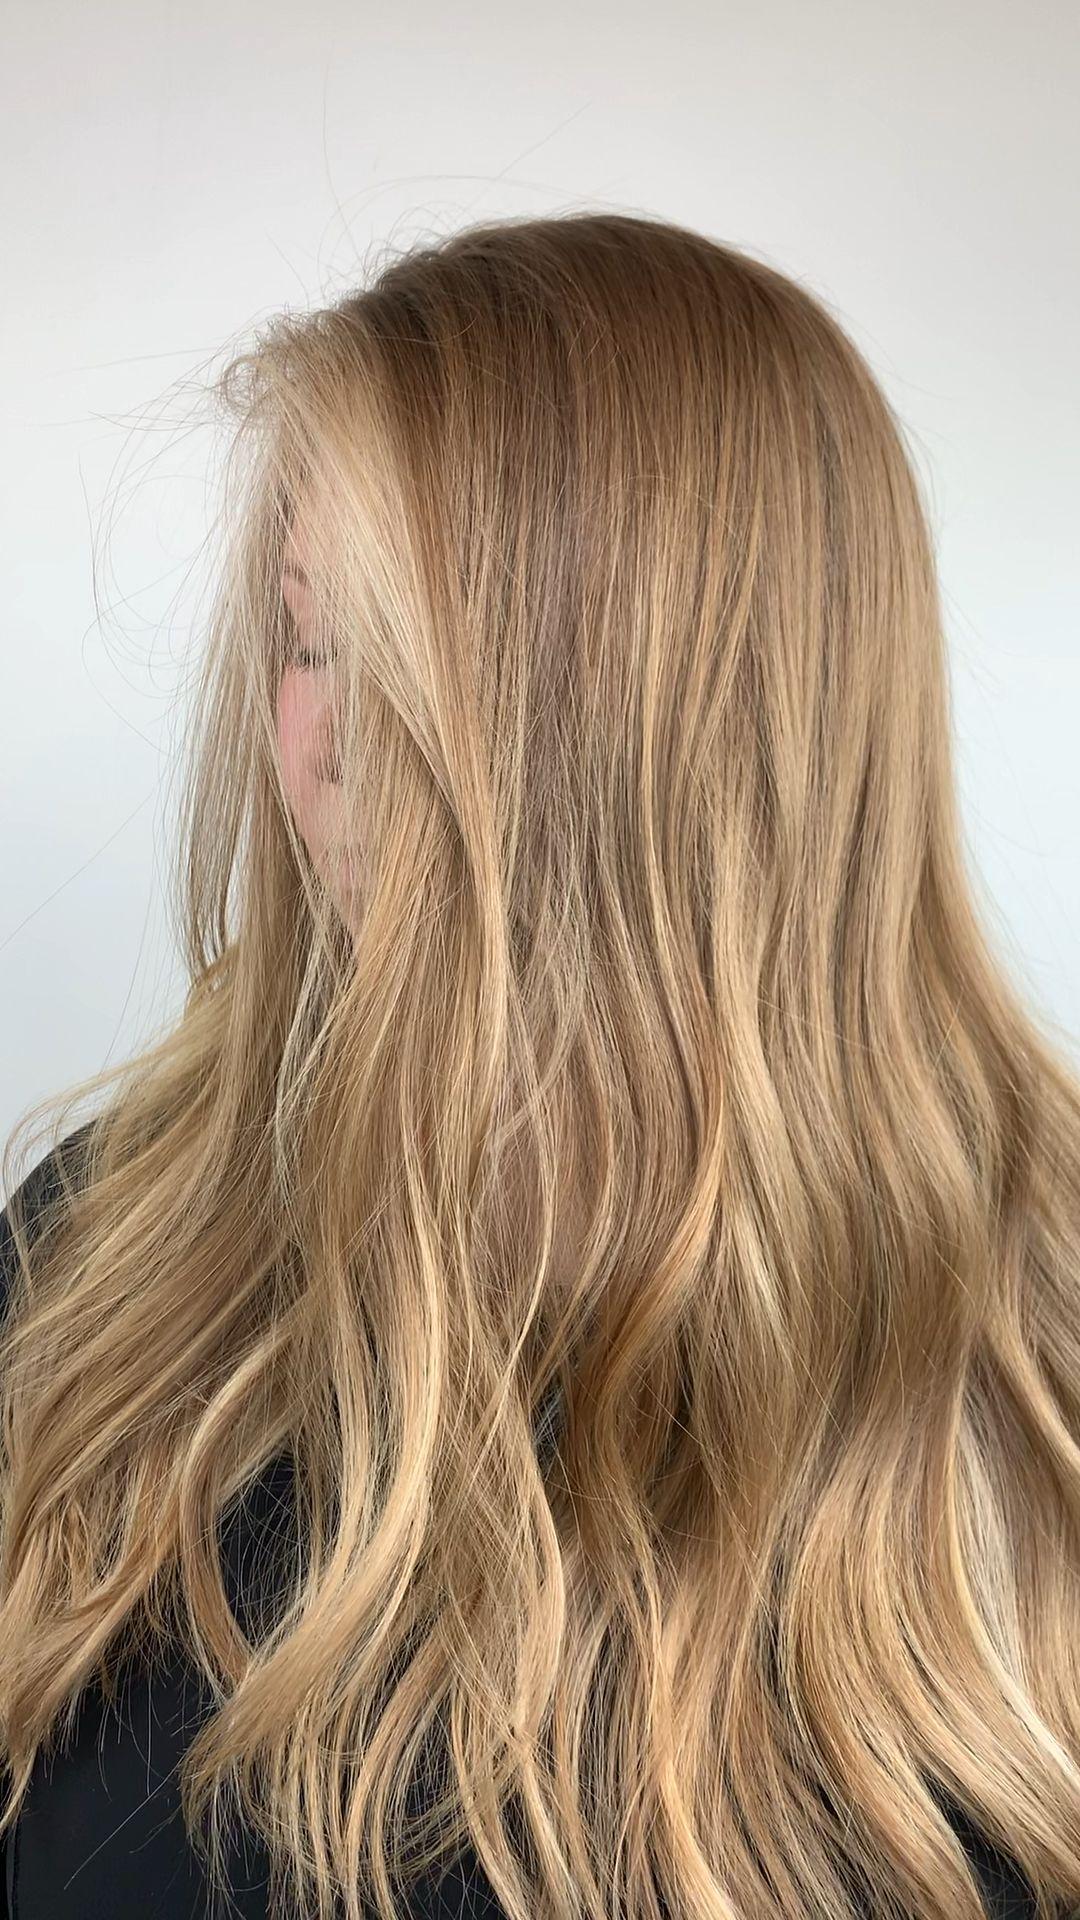 Natural blonde color